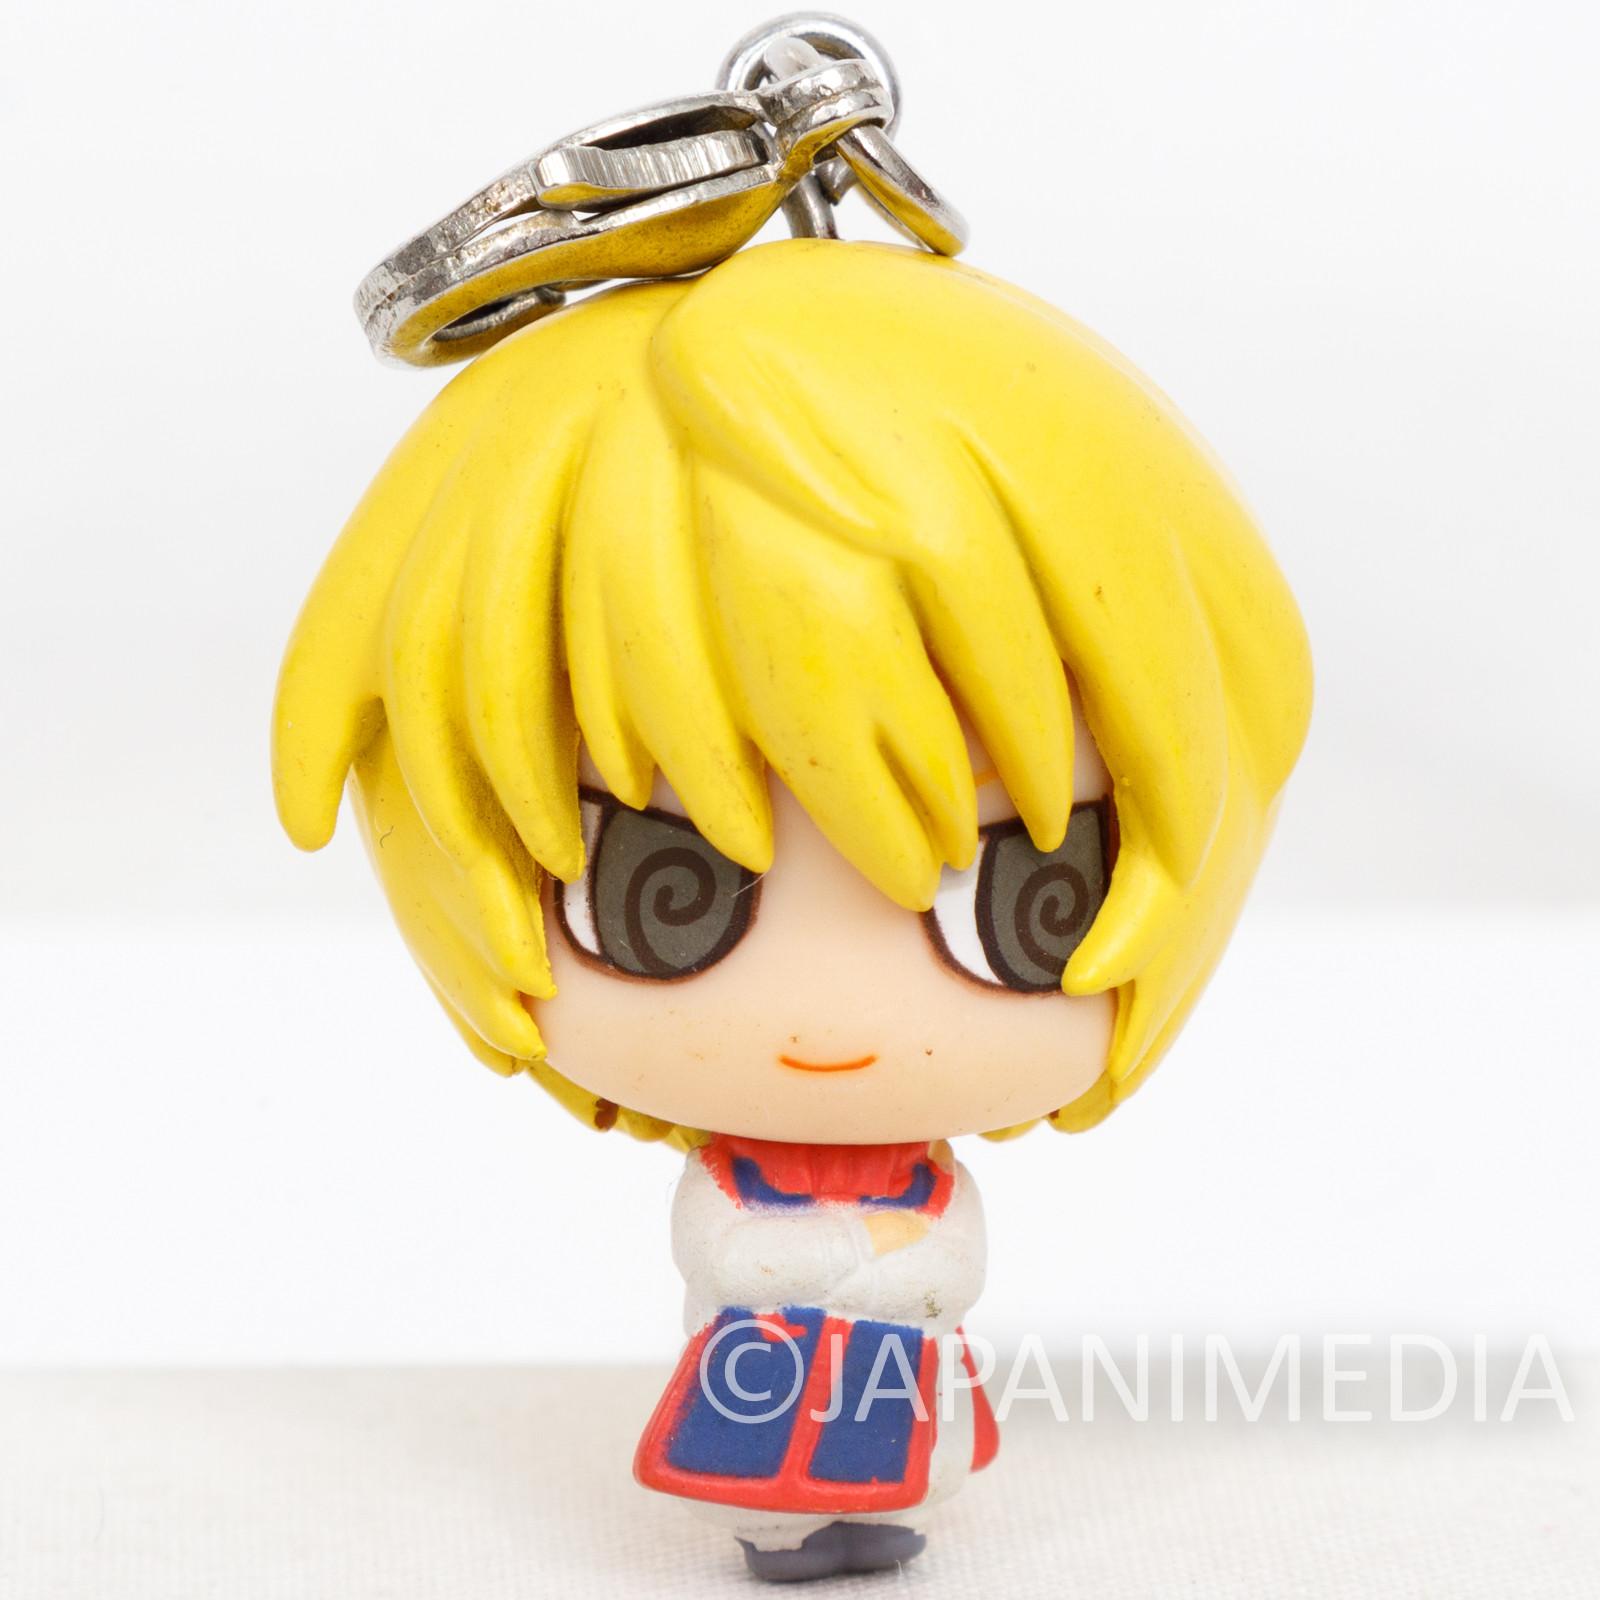 RARE! HUNTER x HUNTER Kurapika Mini Figure Chara Fortune Megahouse JAPAN ANIME 2